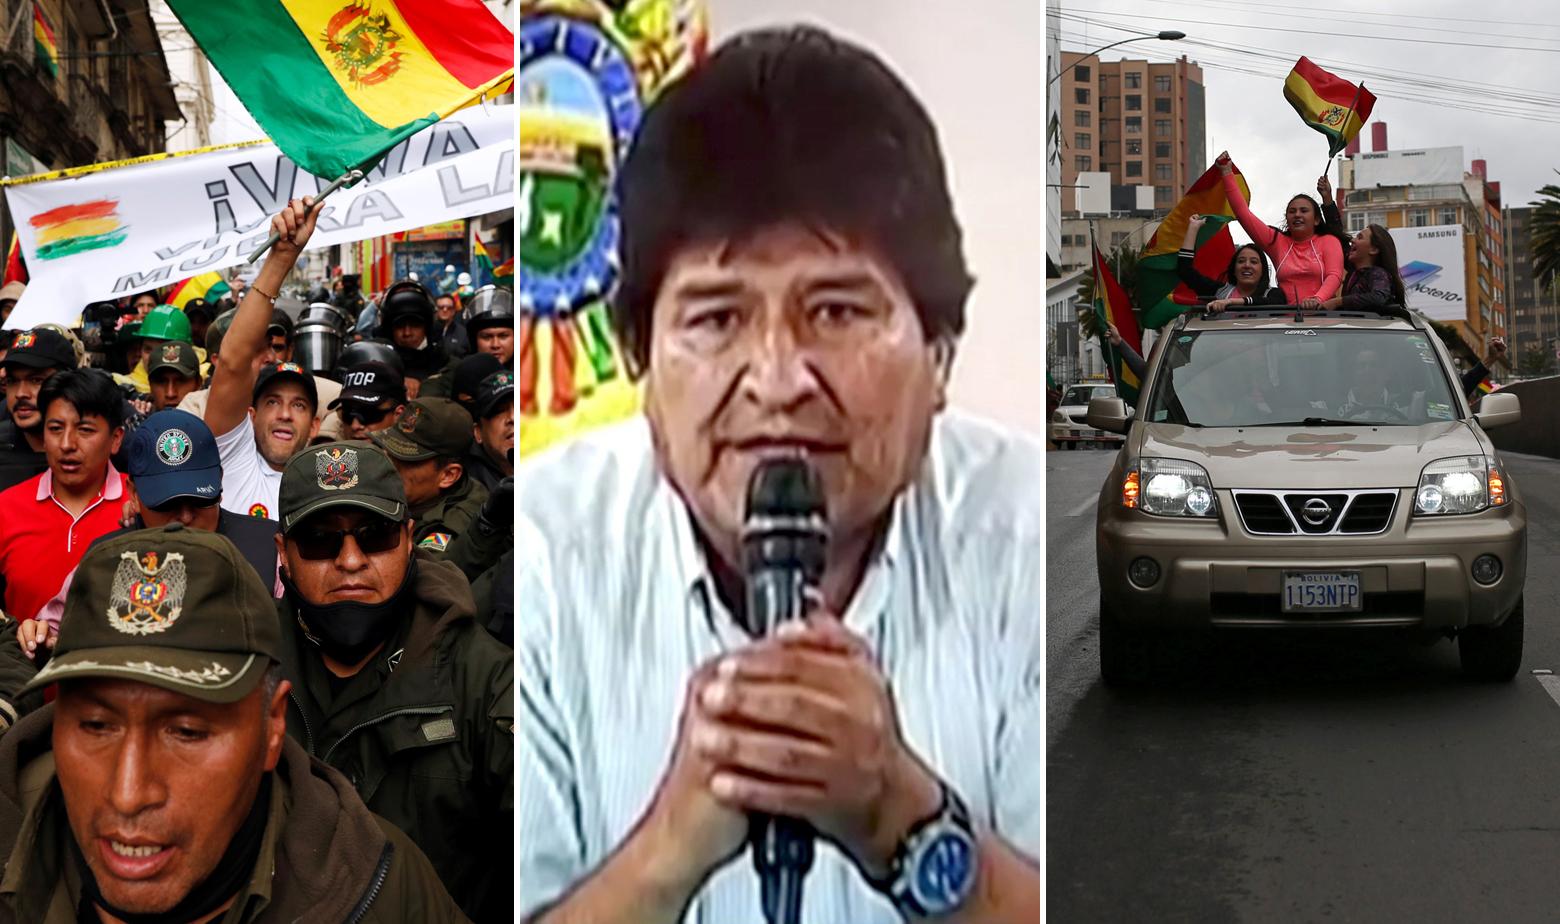 Scene iz Bolivije i Evo Morales